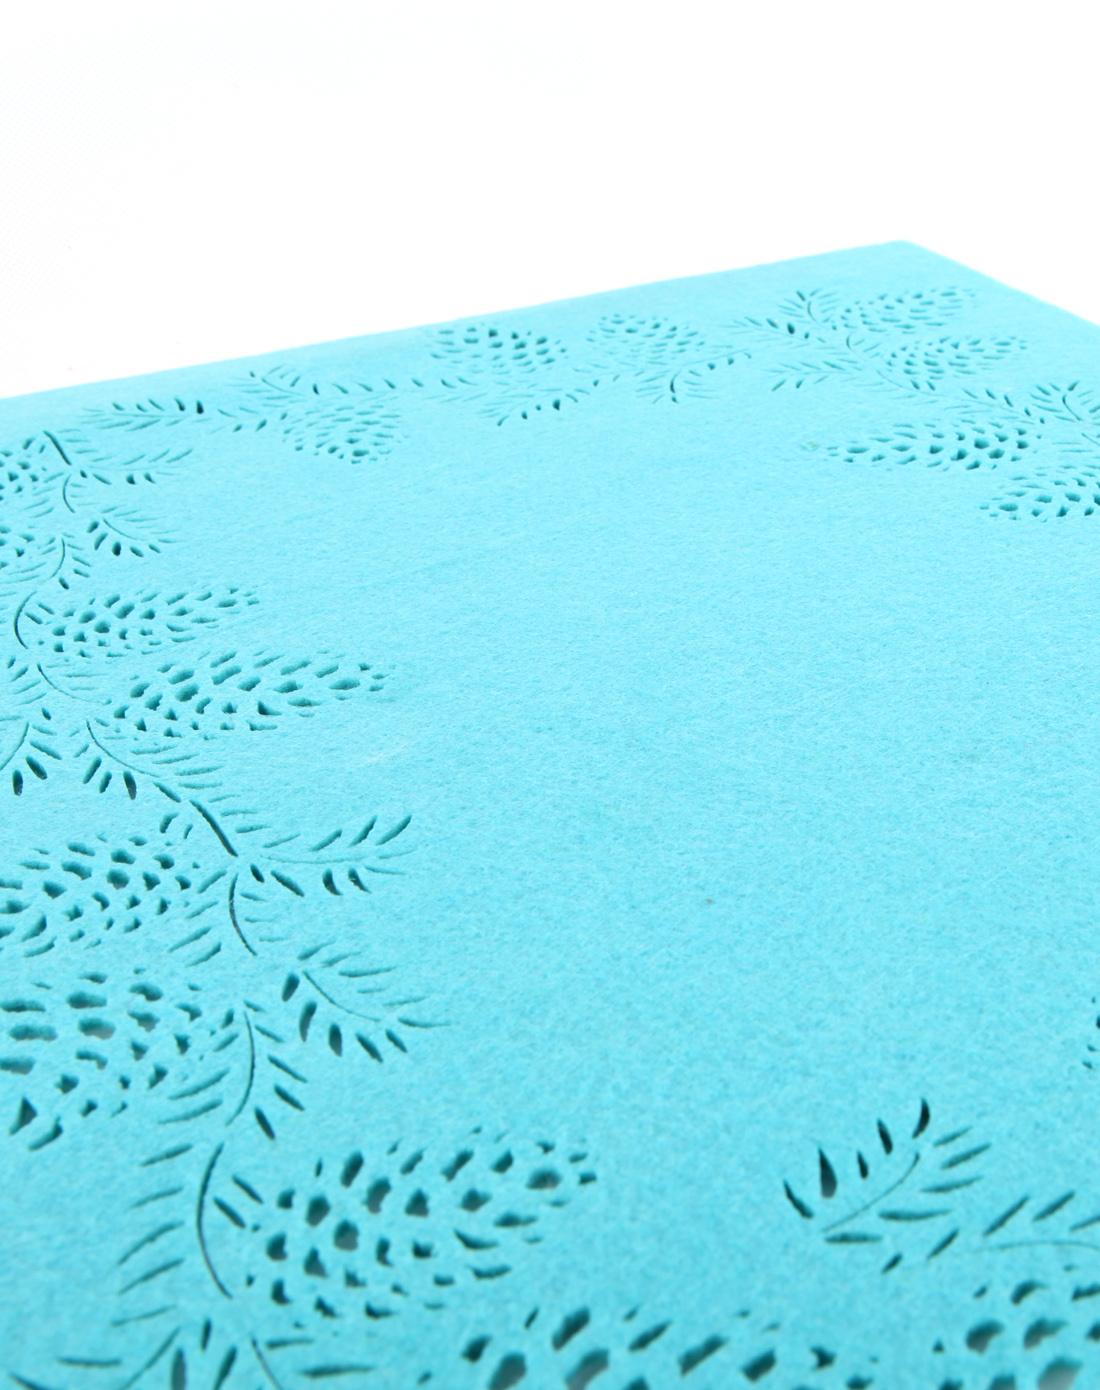 > 镂空松果长方形隔热毛毡餐垫-湖蓝色